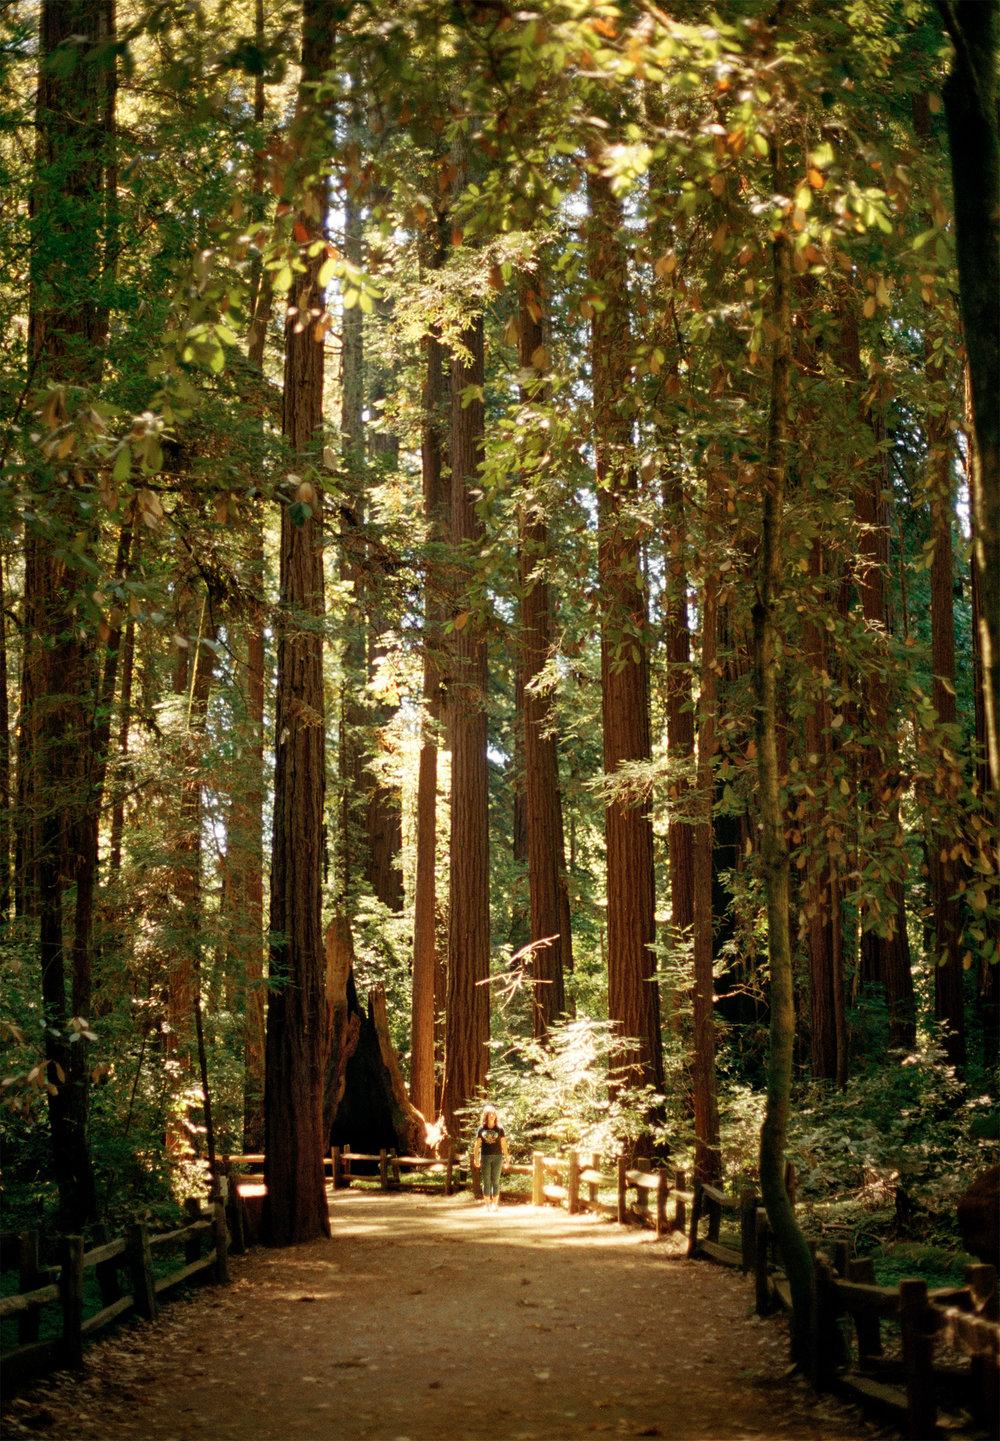 Kaya in the redwoods, Santa Cruz, CA. 2018.